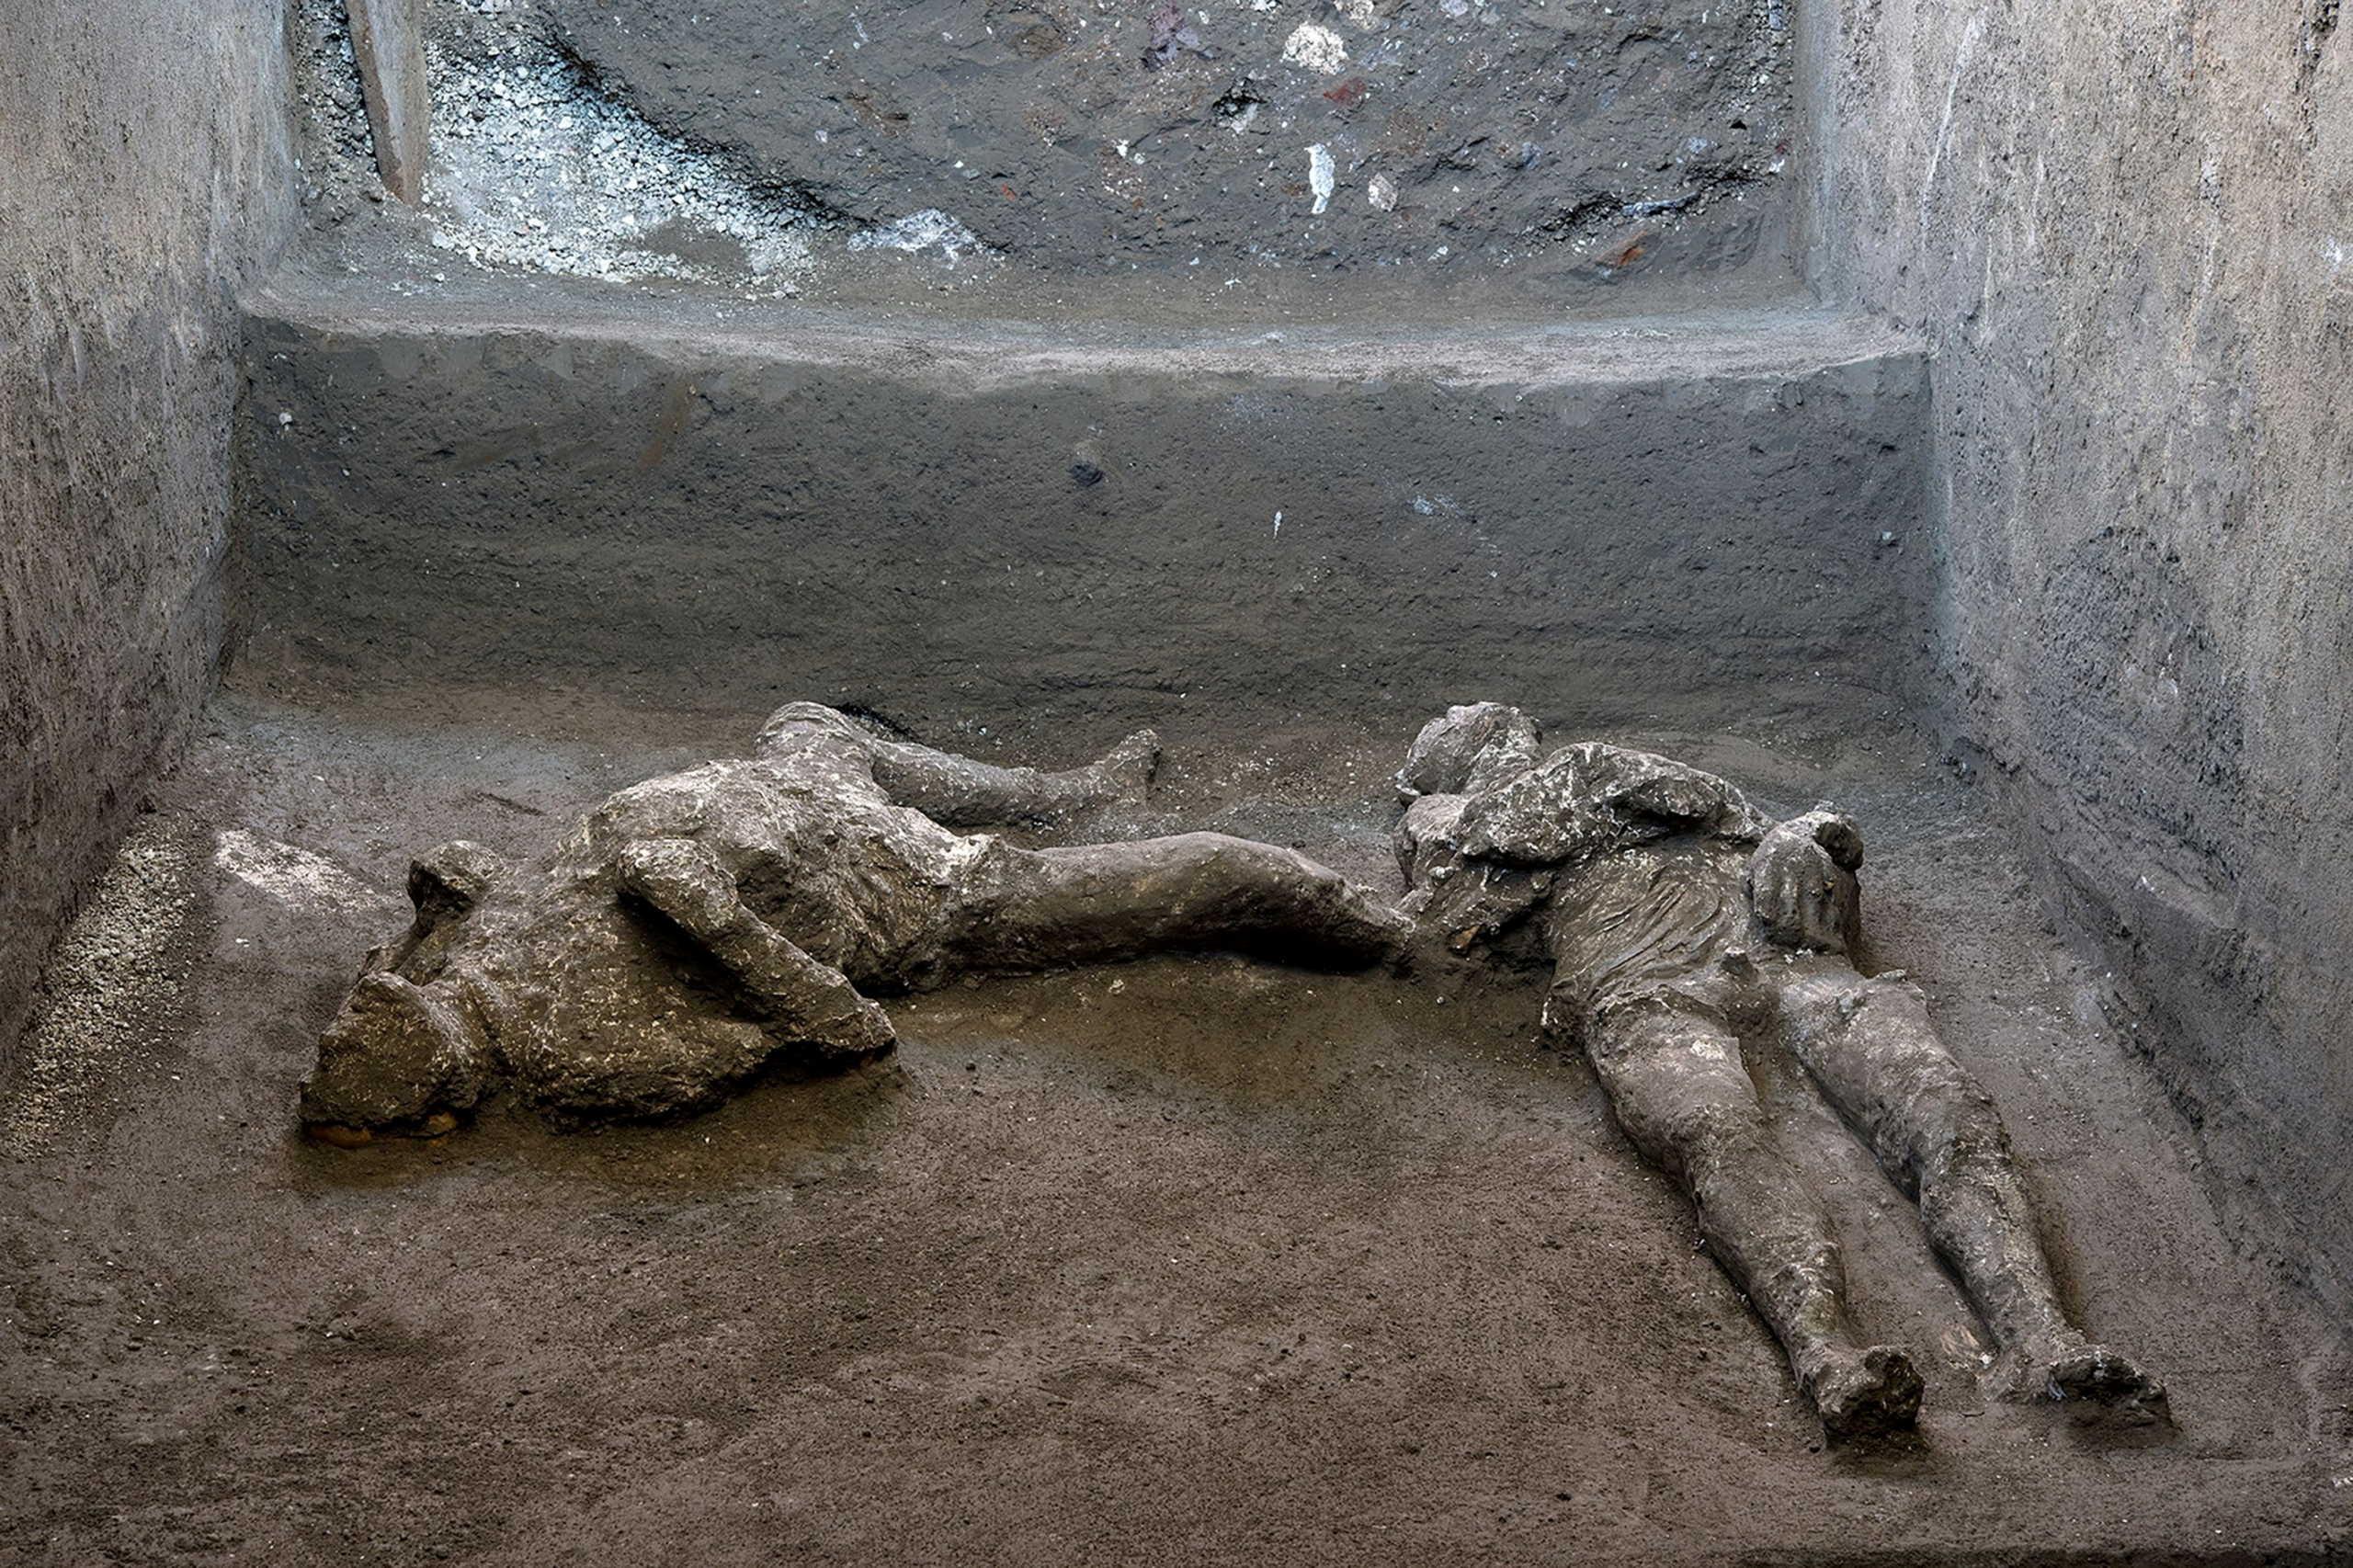 Η Πομπηία λέει ακόμα ιστορίες από την έκρηξη του Βεζούβιου – Η ανακάλυψη που άφησε άφωνους τους αρχαιολόγους (pic)